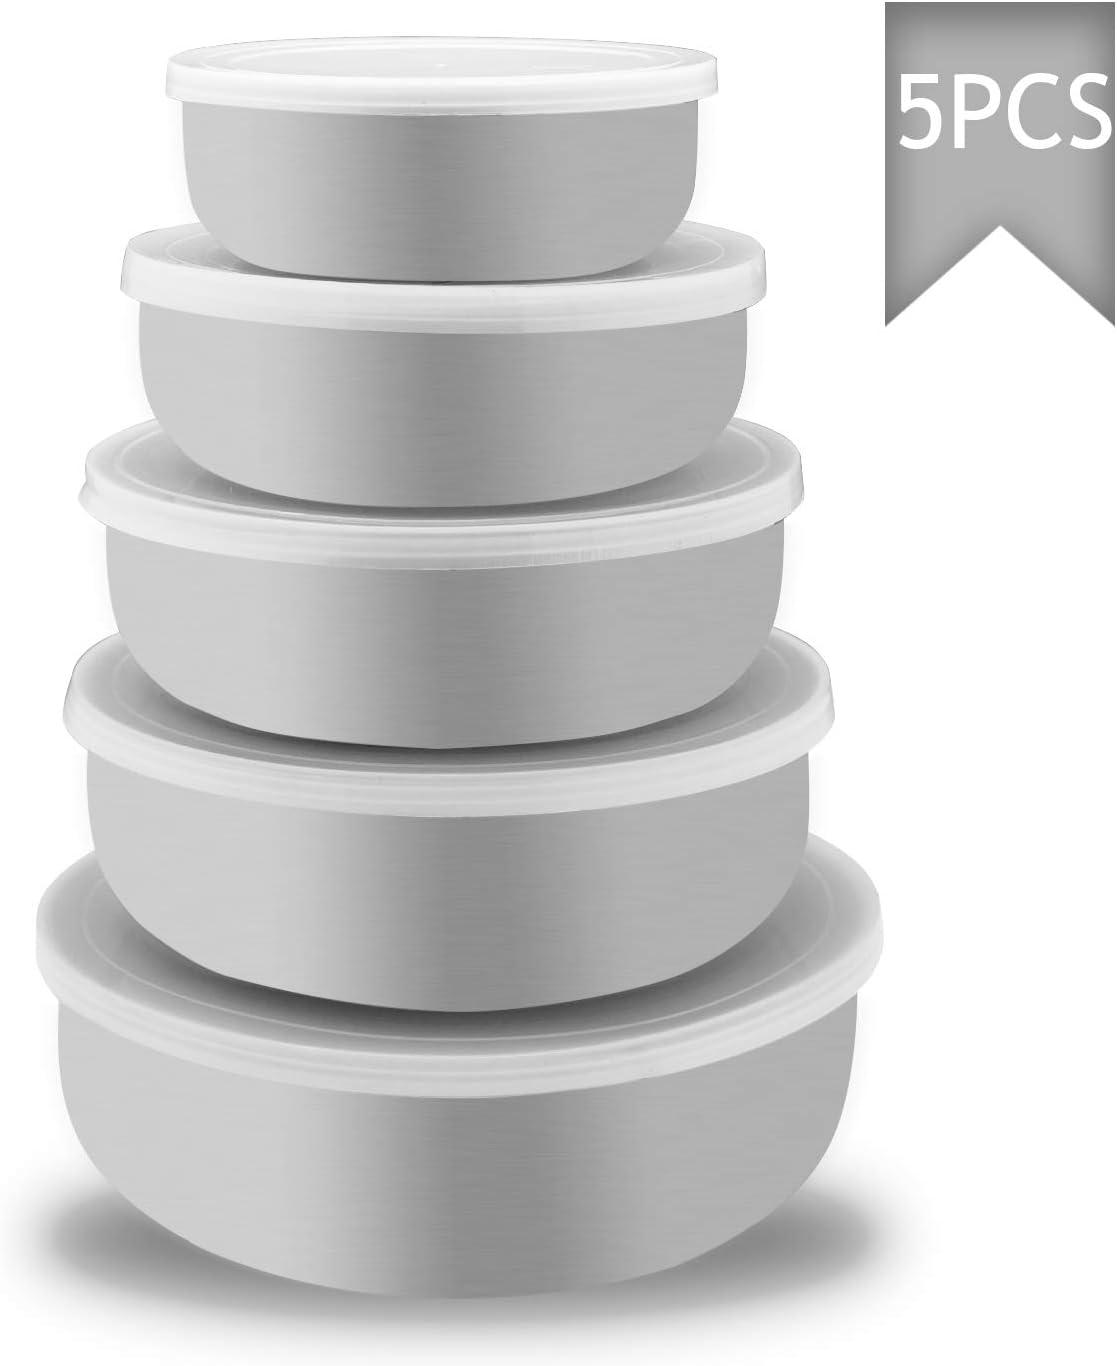 Acero Inoxidable Fiambrera e!Orion Fiambrera con Tapa Contenedores de Alimentos Conjunto de 5 Apta para lavavajillas